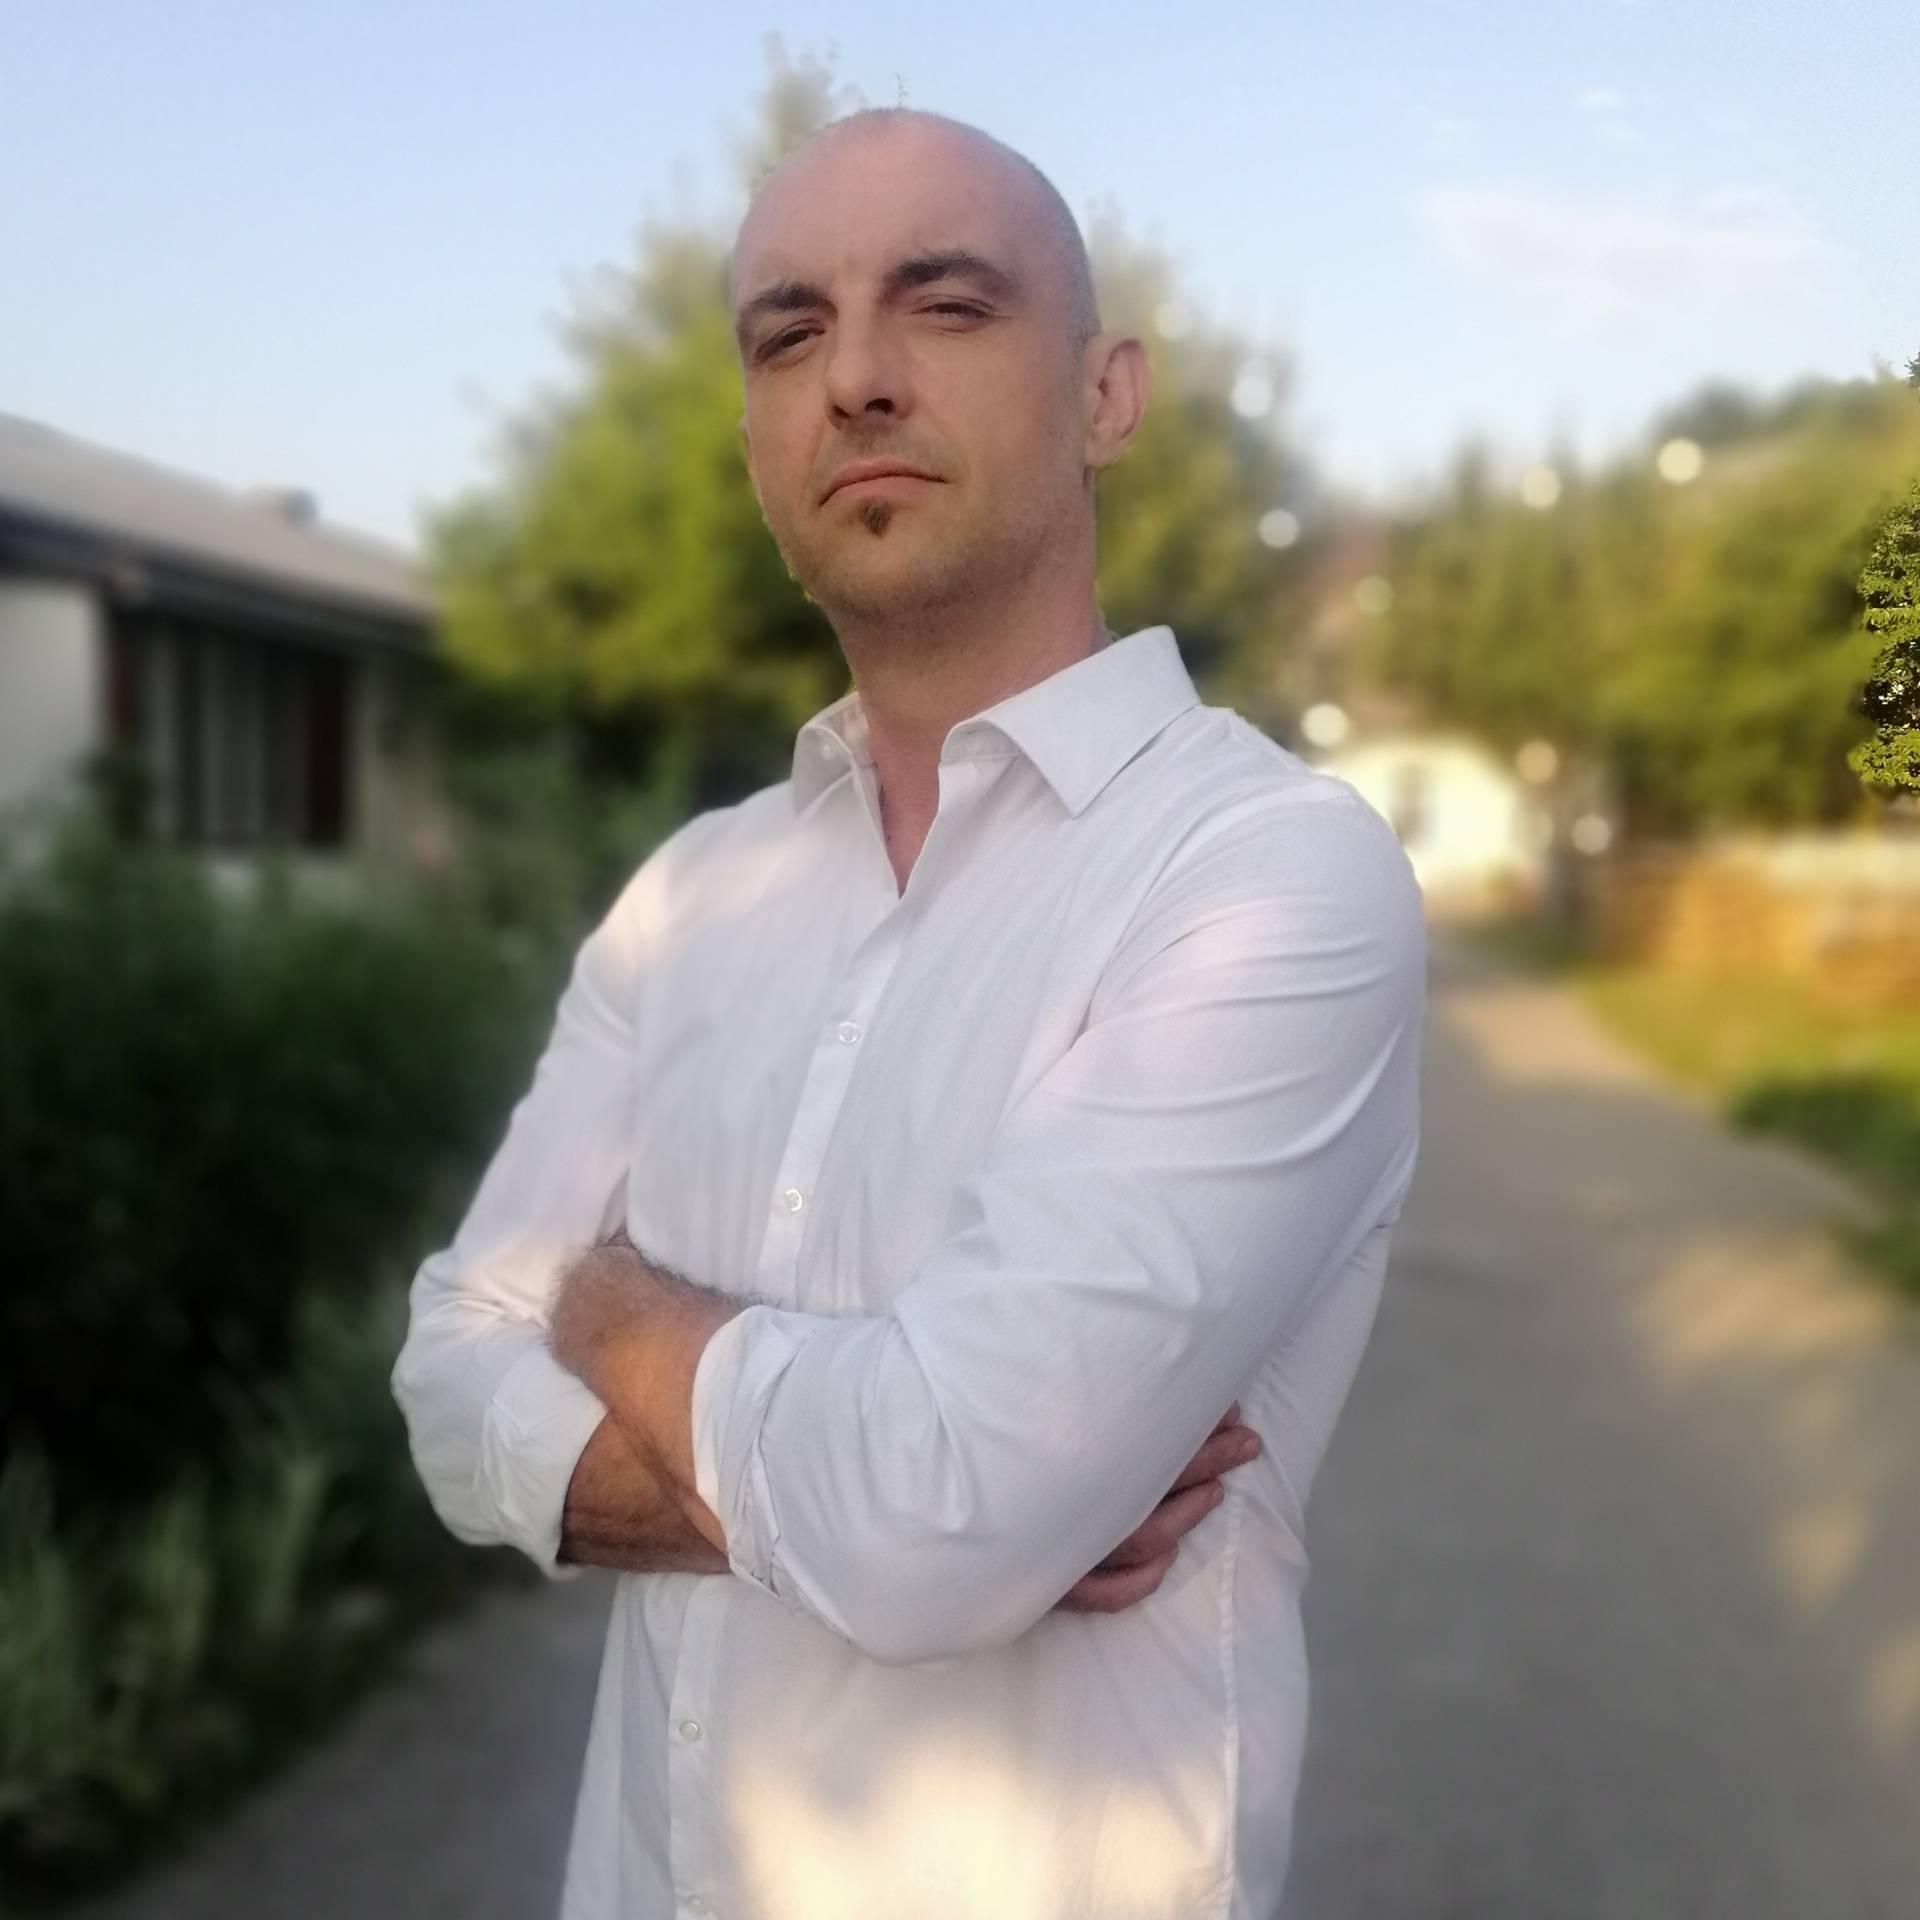 Photo from Predrag Prigmiz